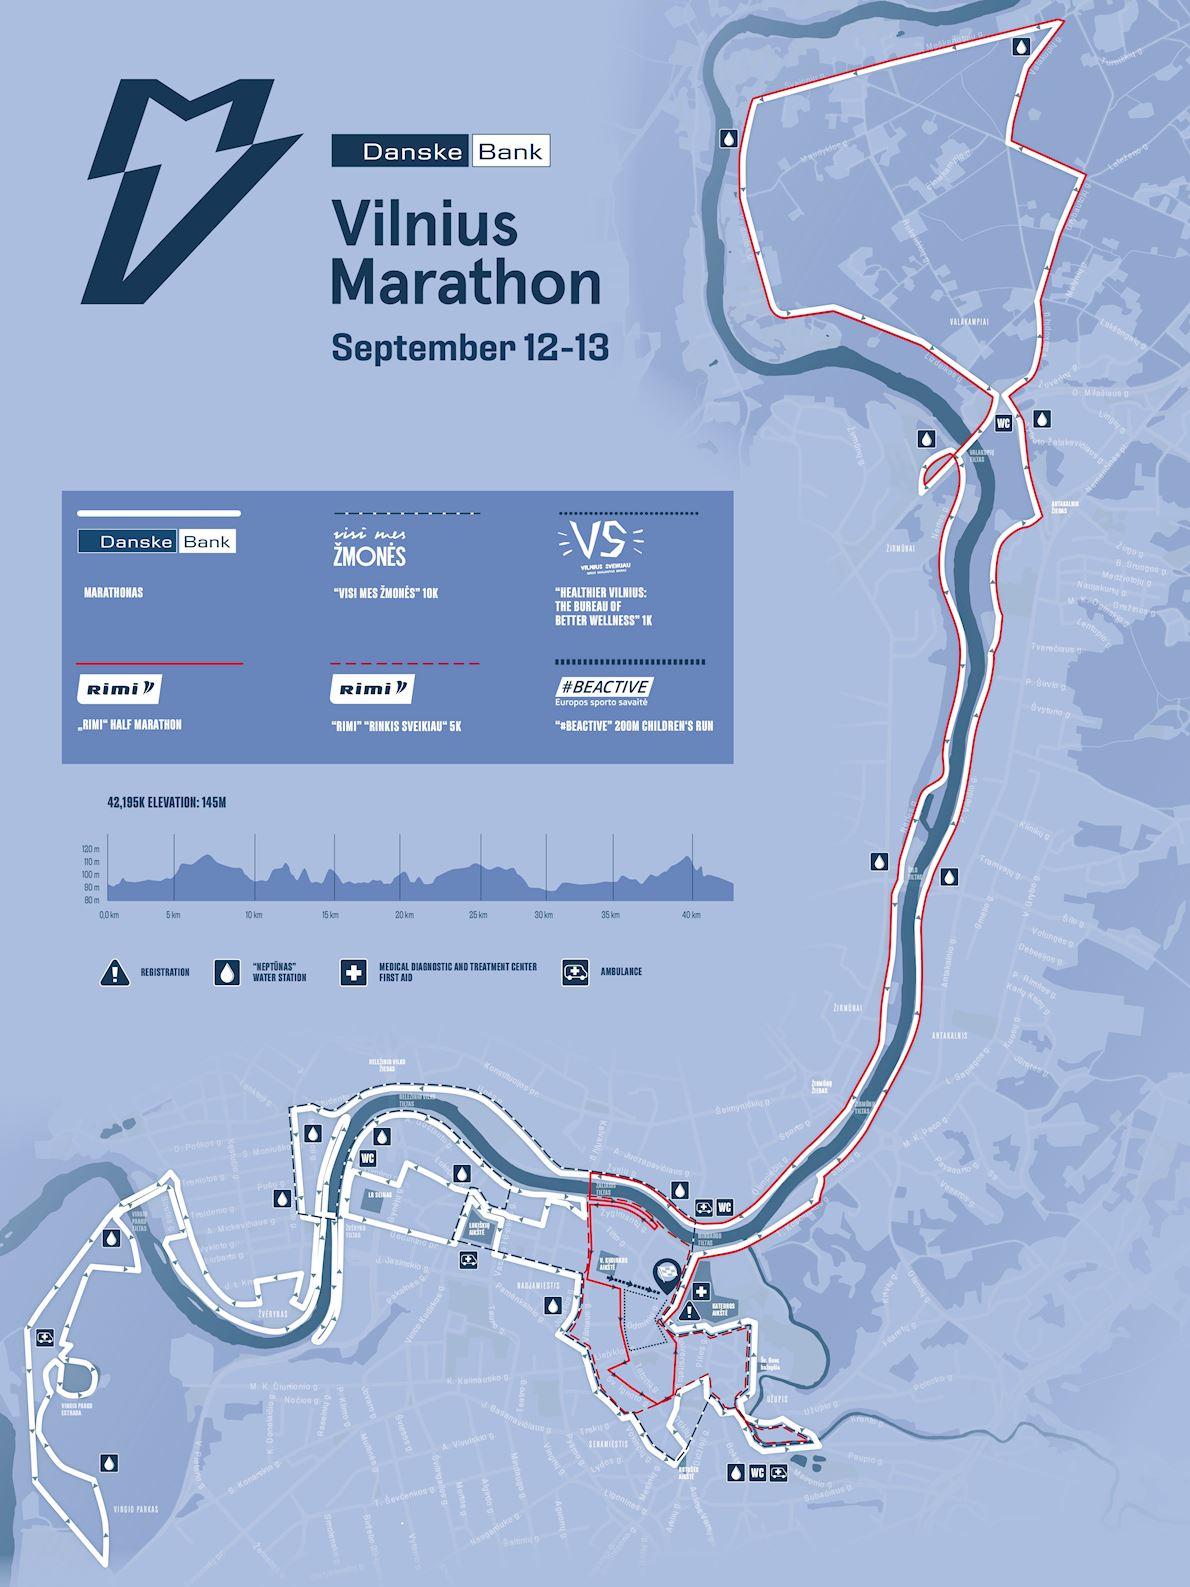 Danske Bank Vilnius Marathon MAPA DEL RECORRIDO DE